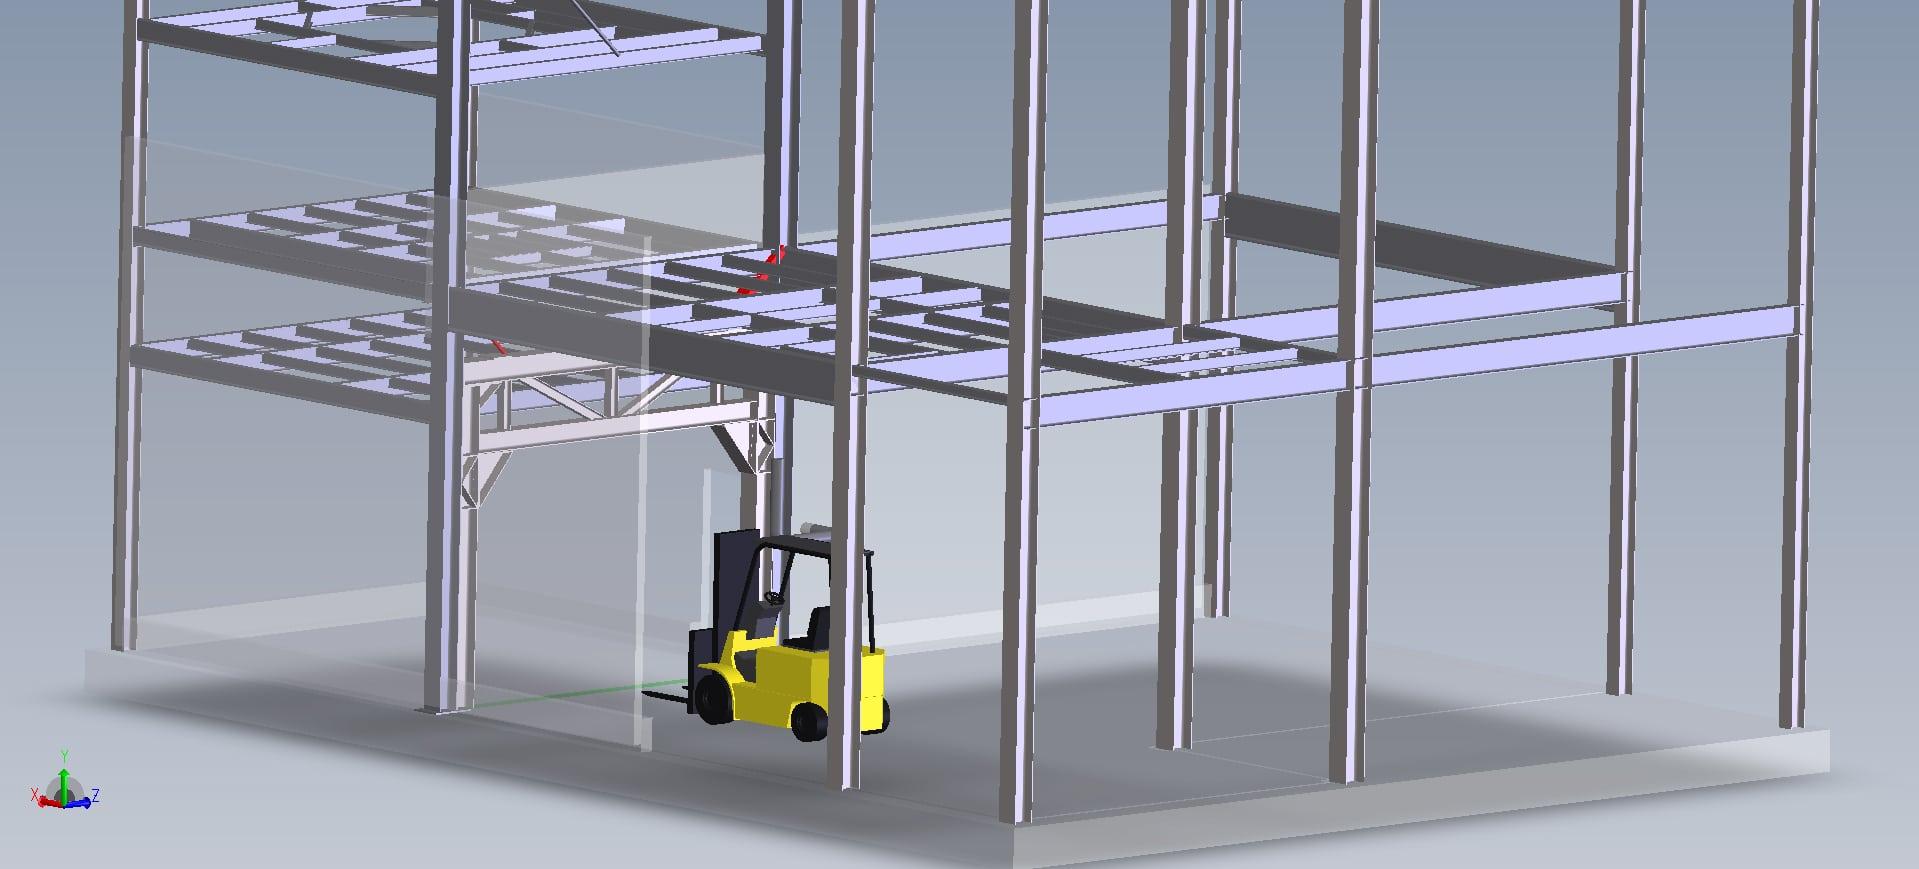 Création ouverture dans bâtiment pour circulation<br>APD/calculs/maitrîse d'œuvre